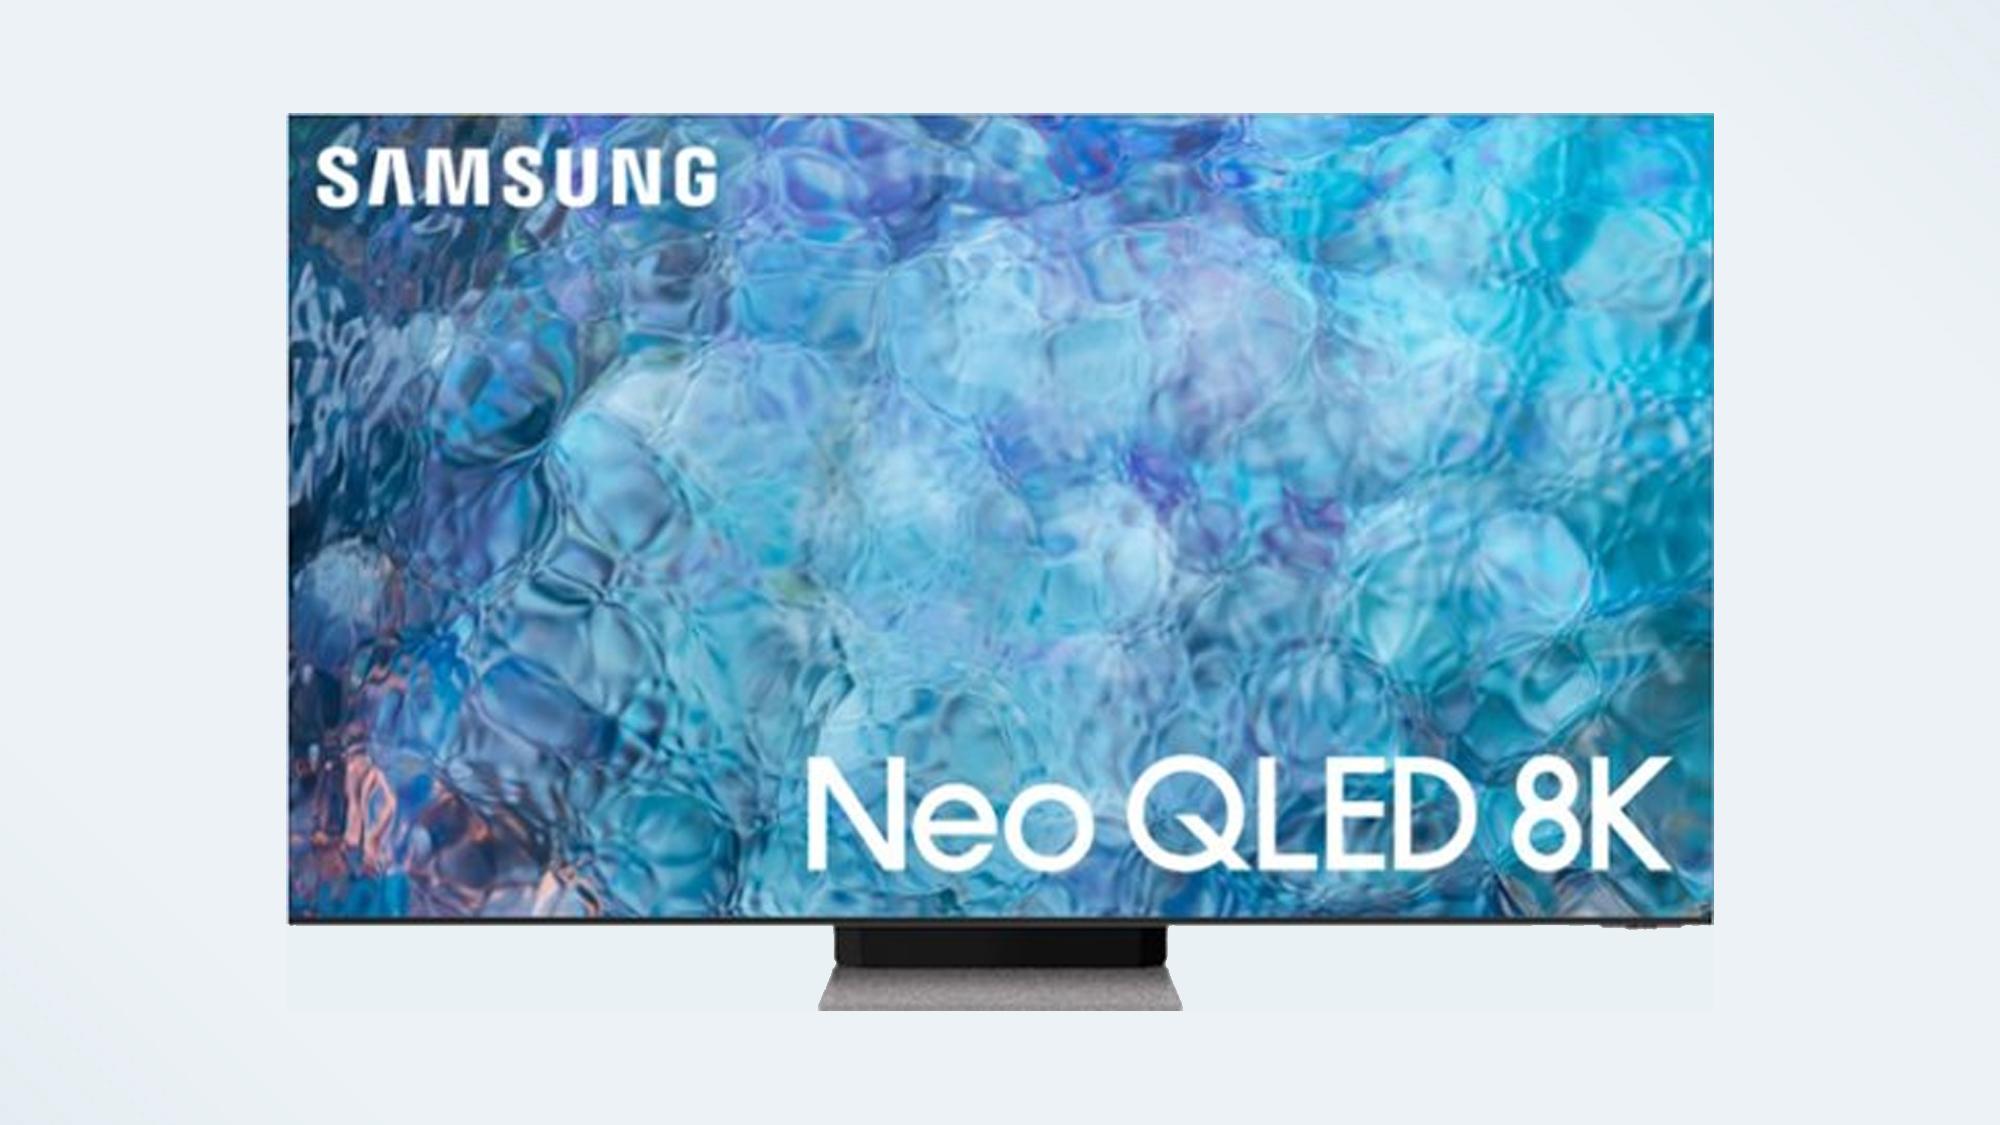 Best 8K TVs: Samsung QN900A Neo QLED 8K TV